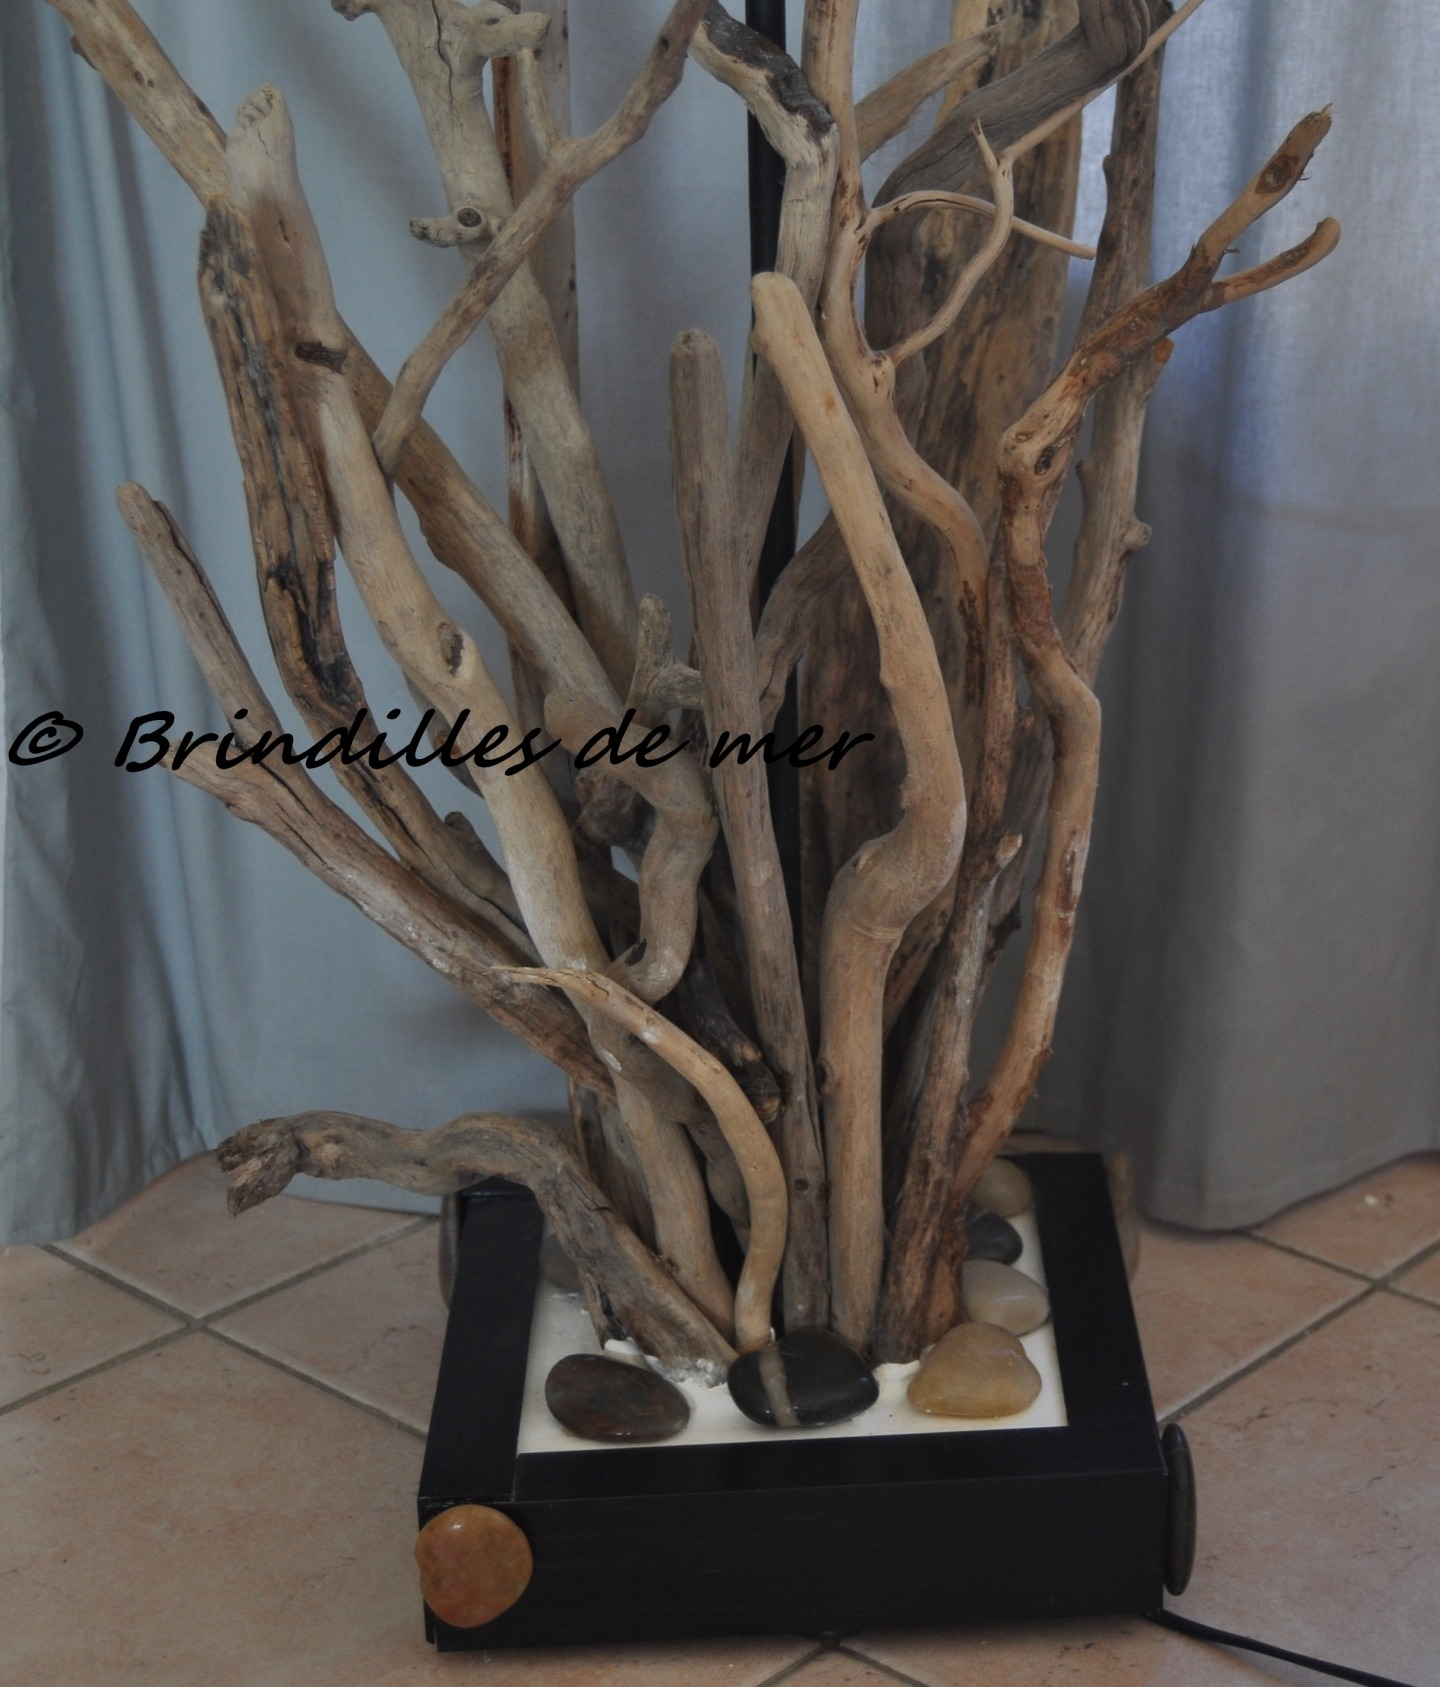 lampadaire en bois flotte et galets modele unique